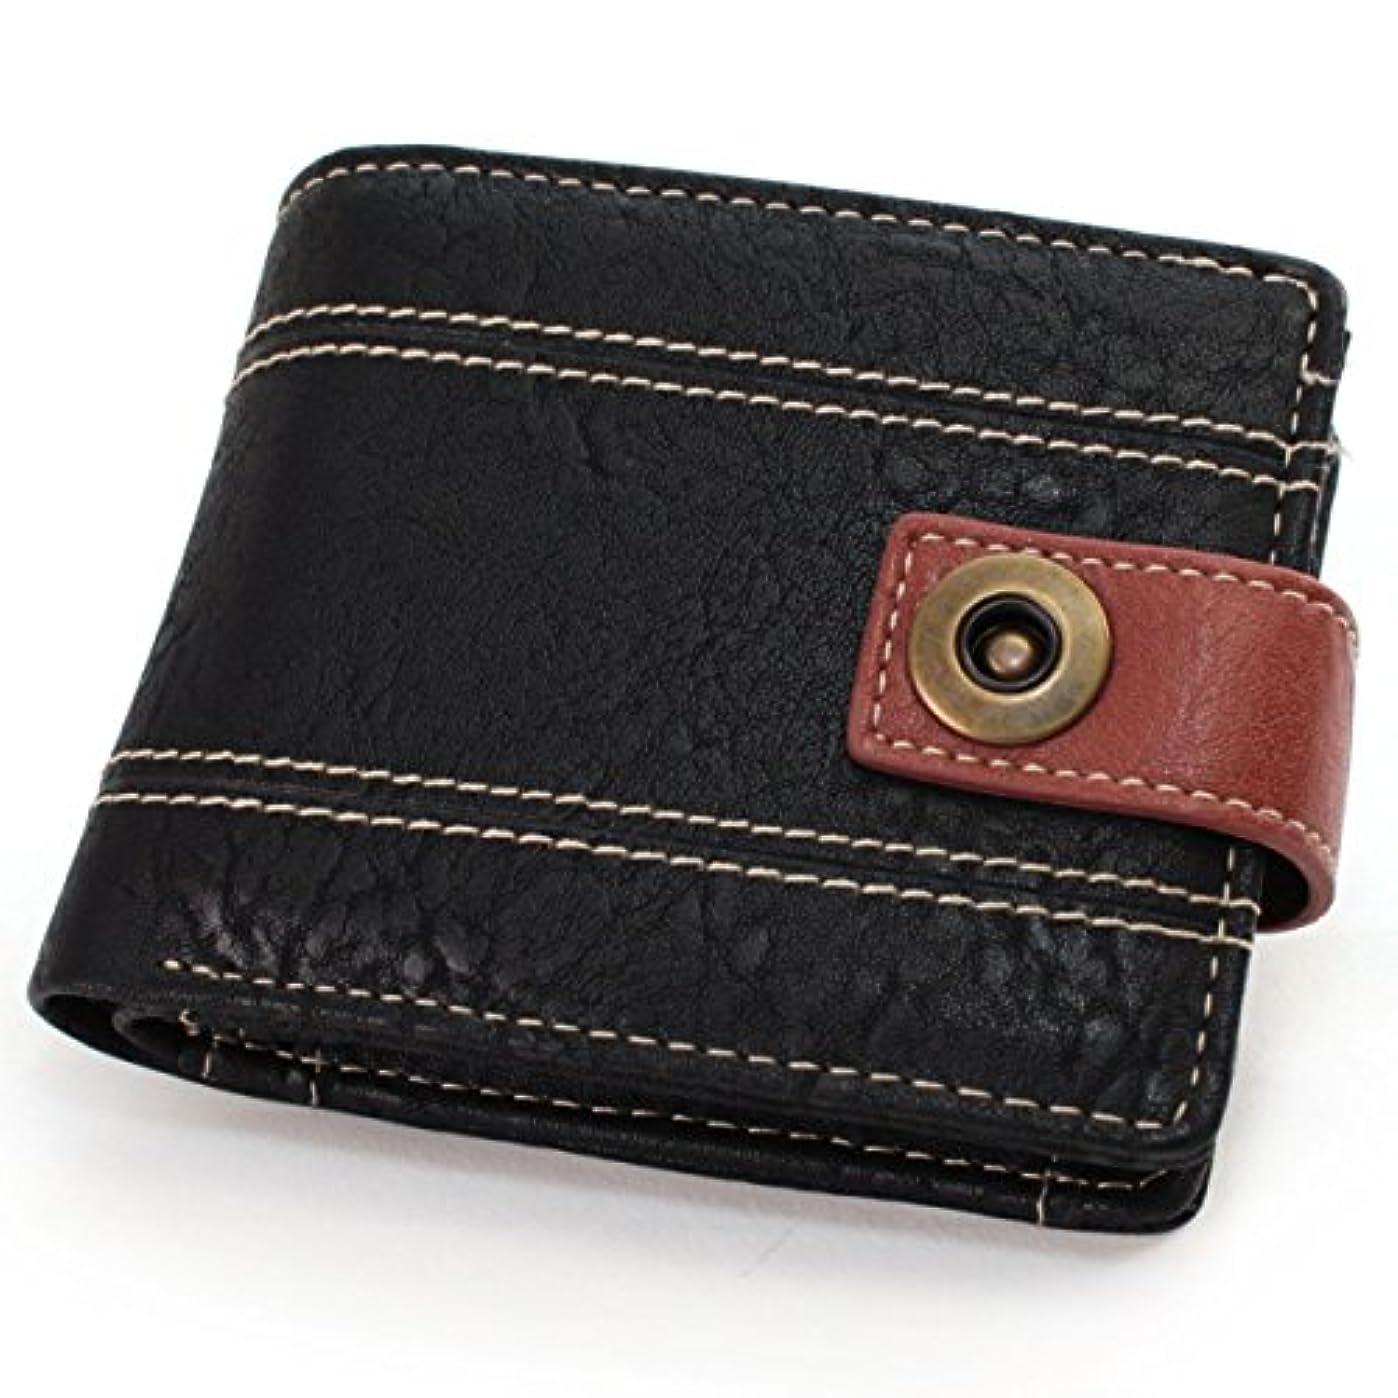 腹フルーティー反対した(リベルトエドウィン) LIBERTO EDWIN カード収納付きワンボタンステッチ切り替え二つ折り財布 (10)ブラック